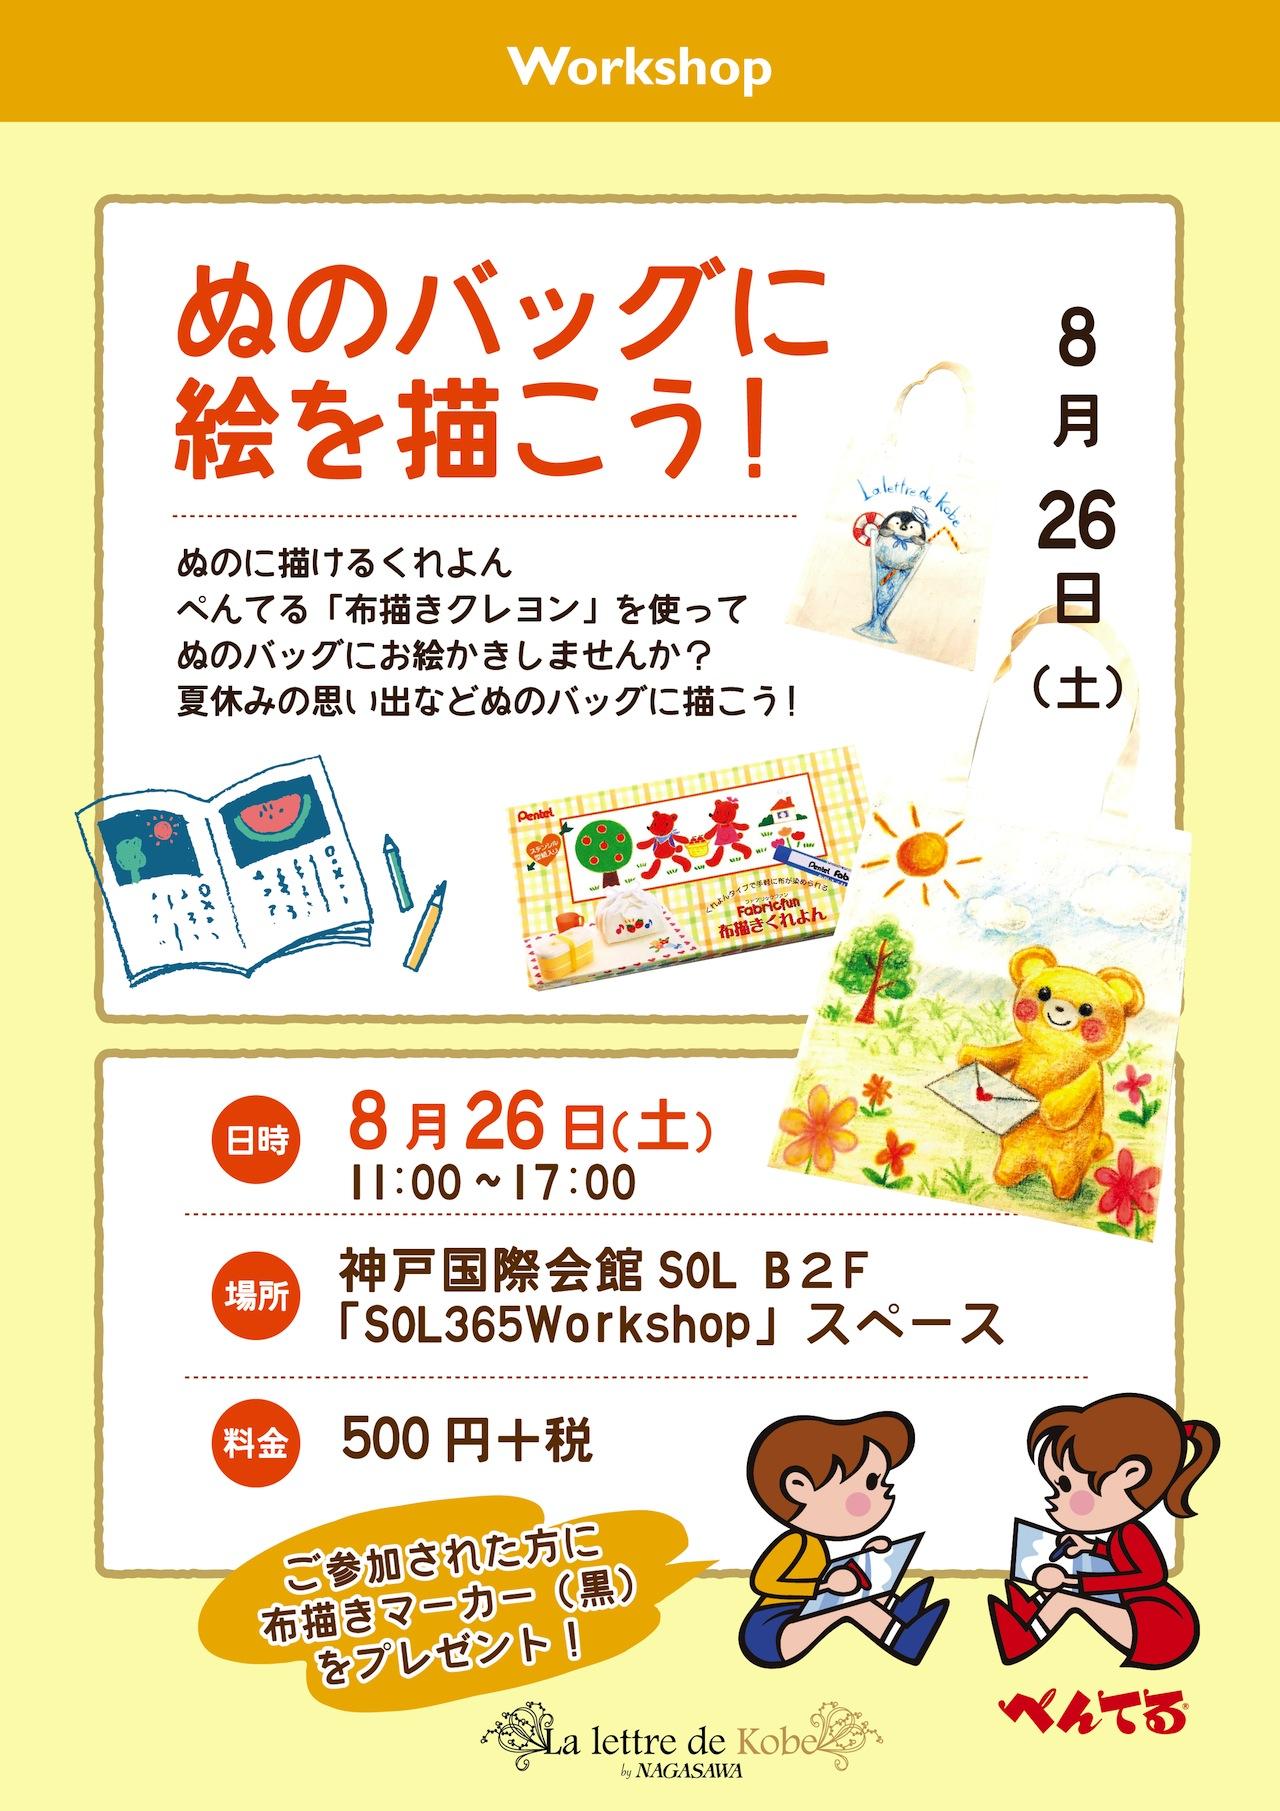 ぬのバッグに絵を描こう! @神戸国際会館B2F SOL365workshopスペース